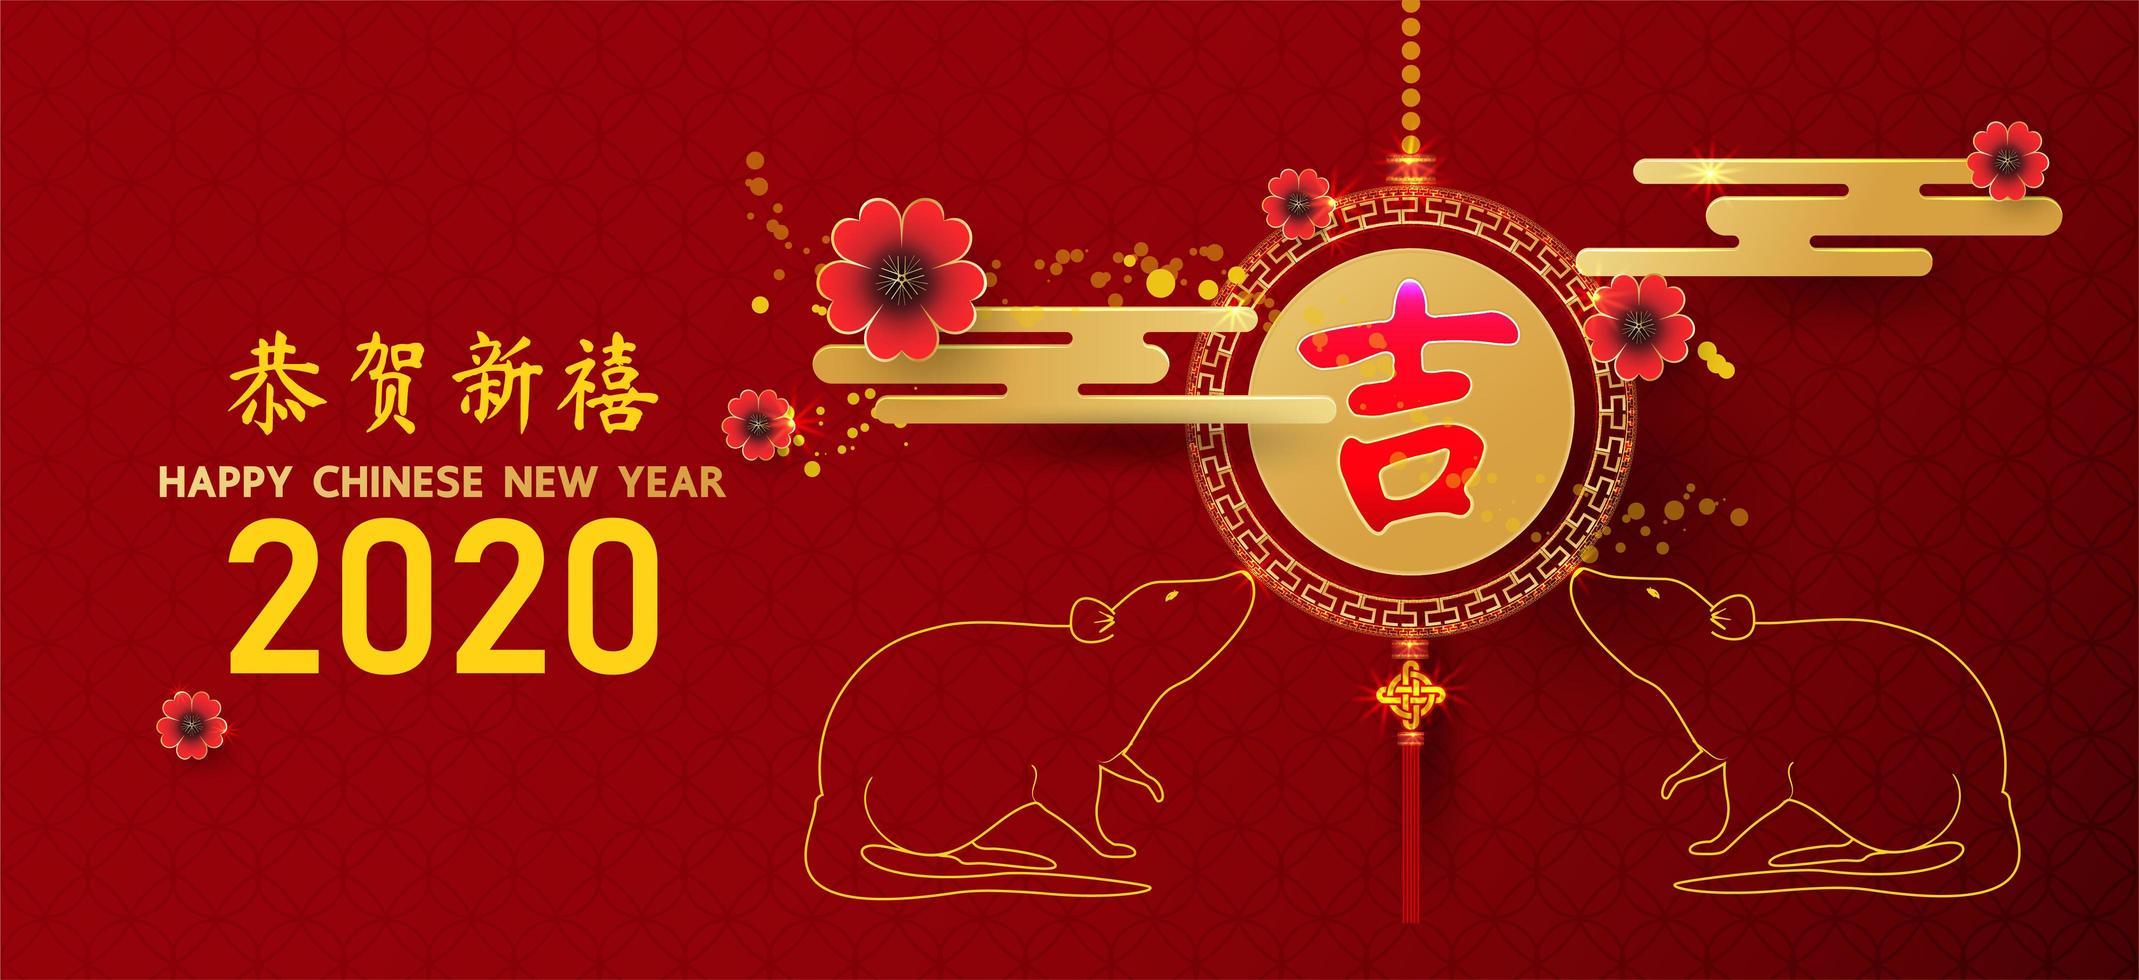 Hintergrund des Chinesischen Neujahrsfests mit Ratten und Blumen vektor